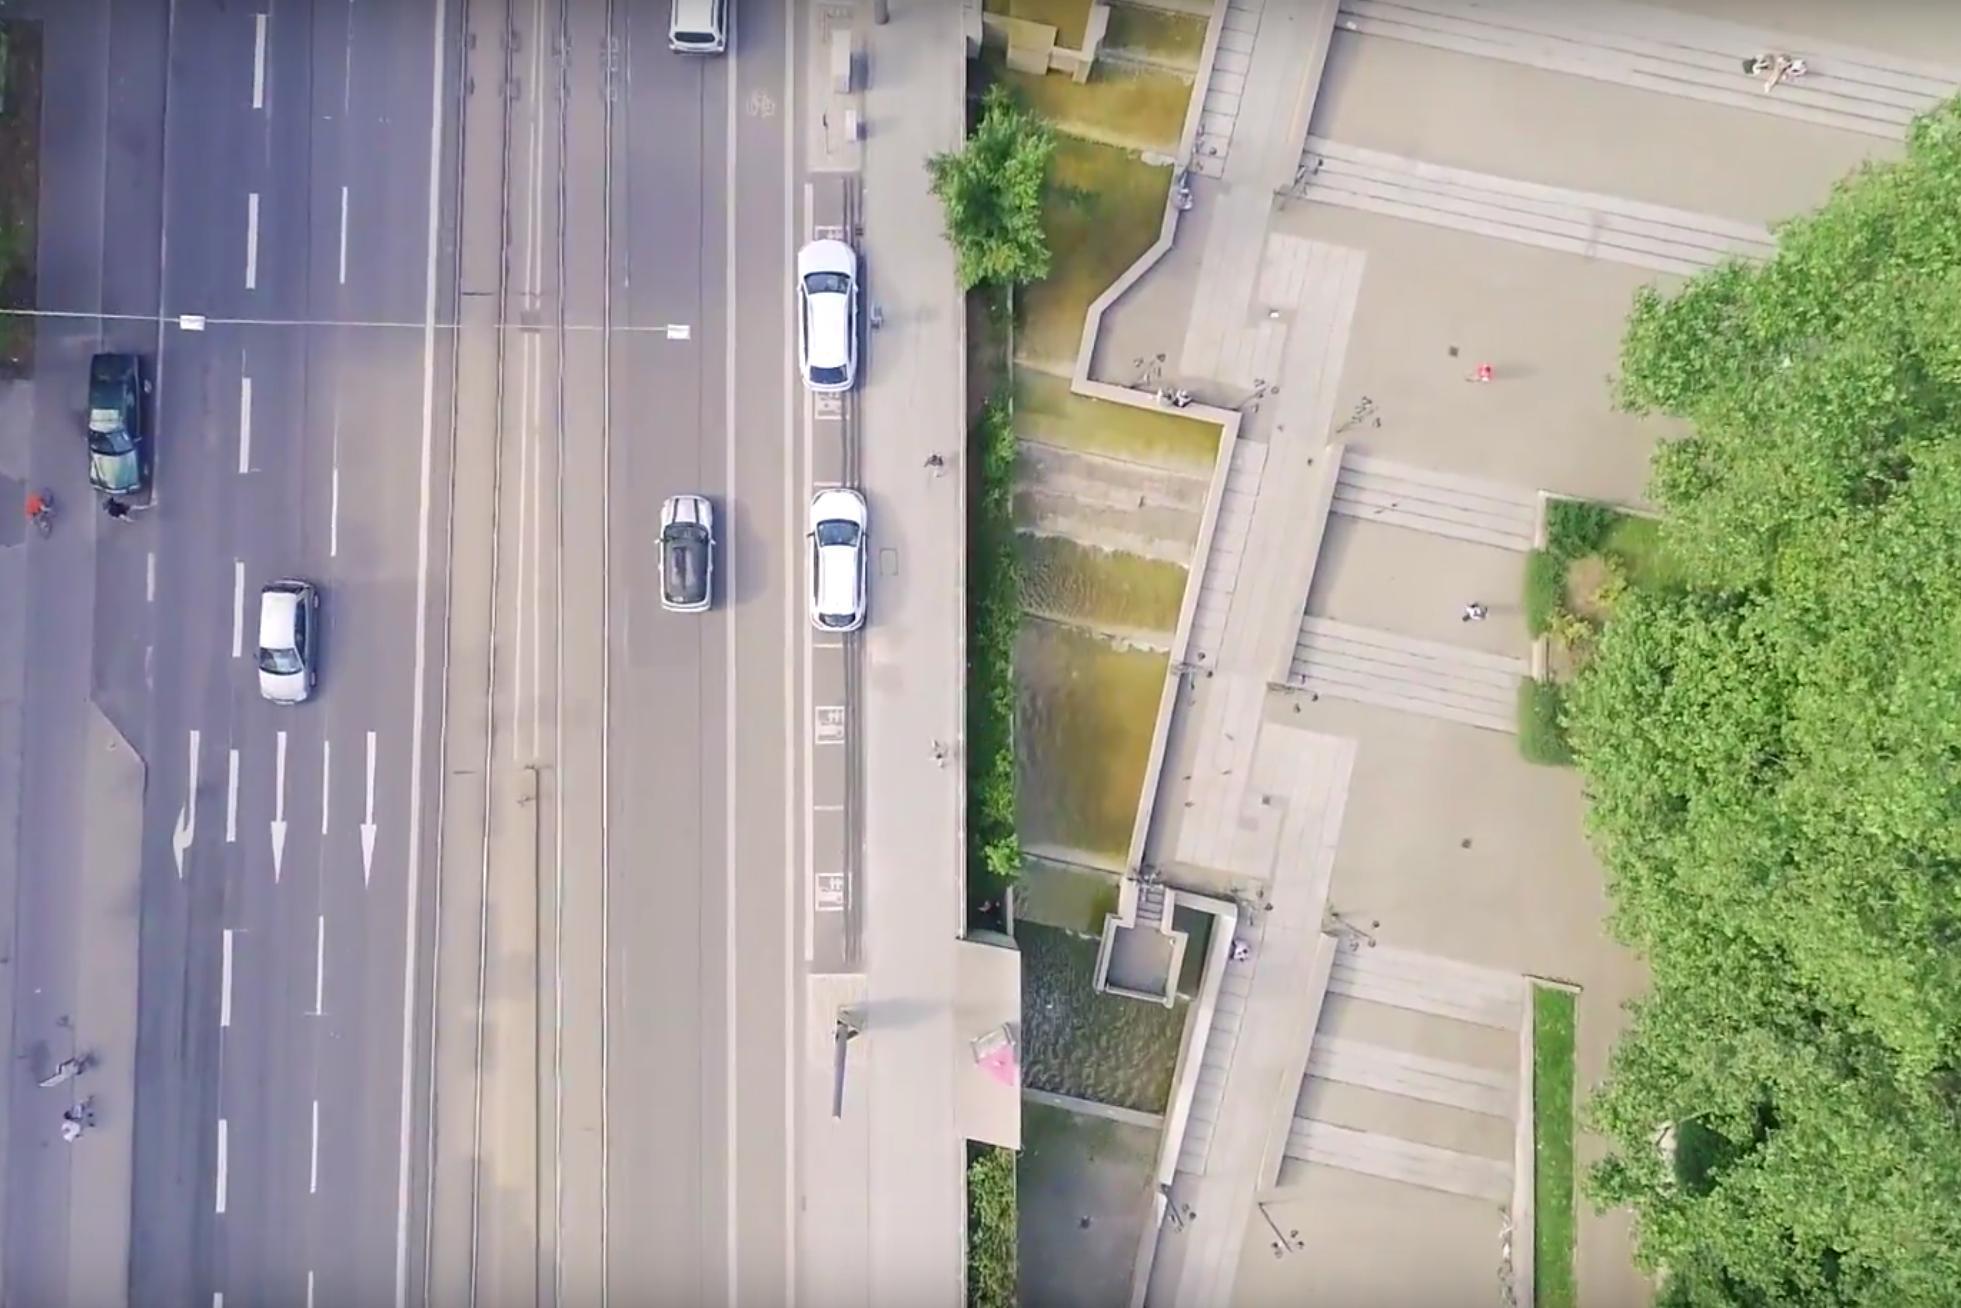 Parkplatz-Erkennung: Bosch und Siemens scheitern mit Pilotprojekten -